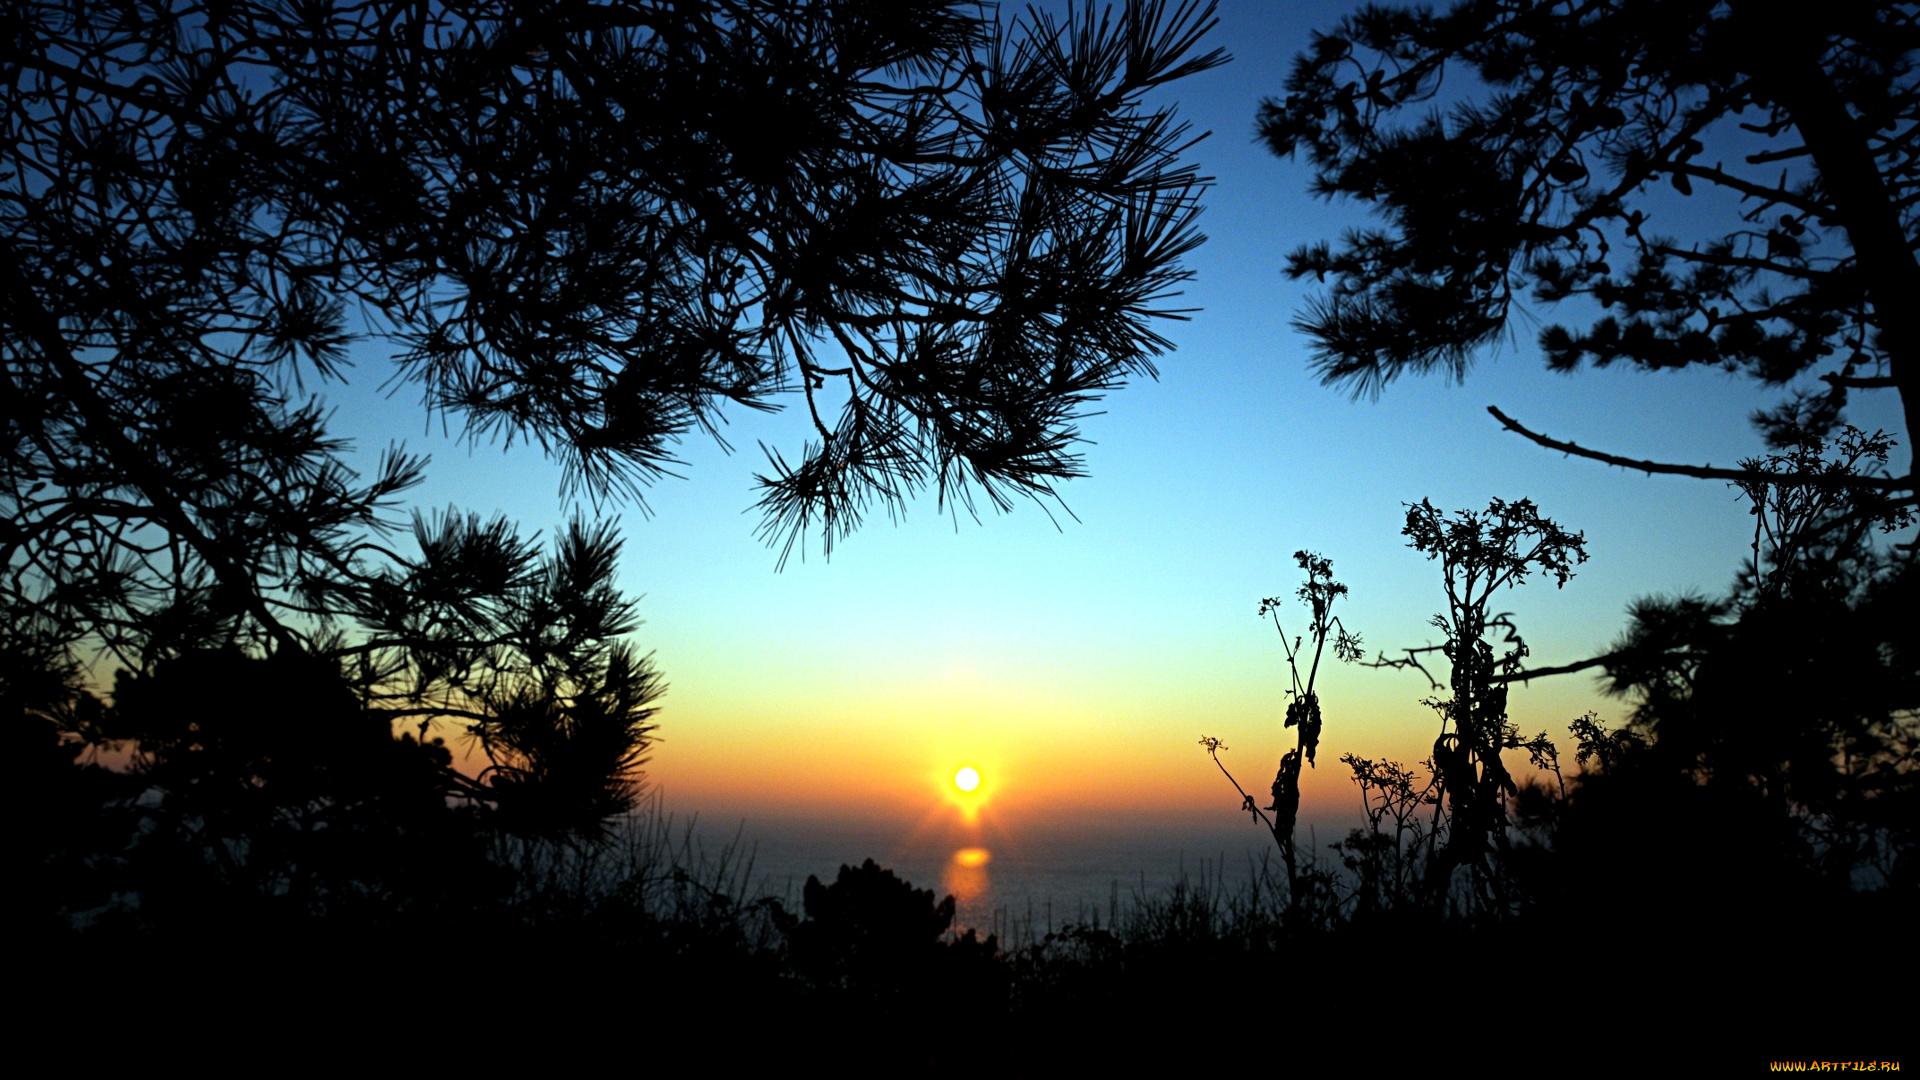 природа закат солнце деревья в хорошем качестве